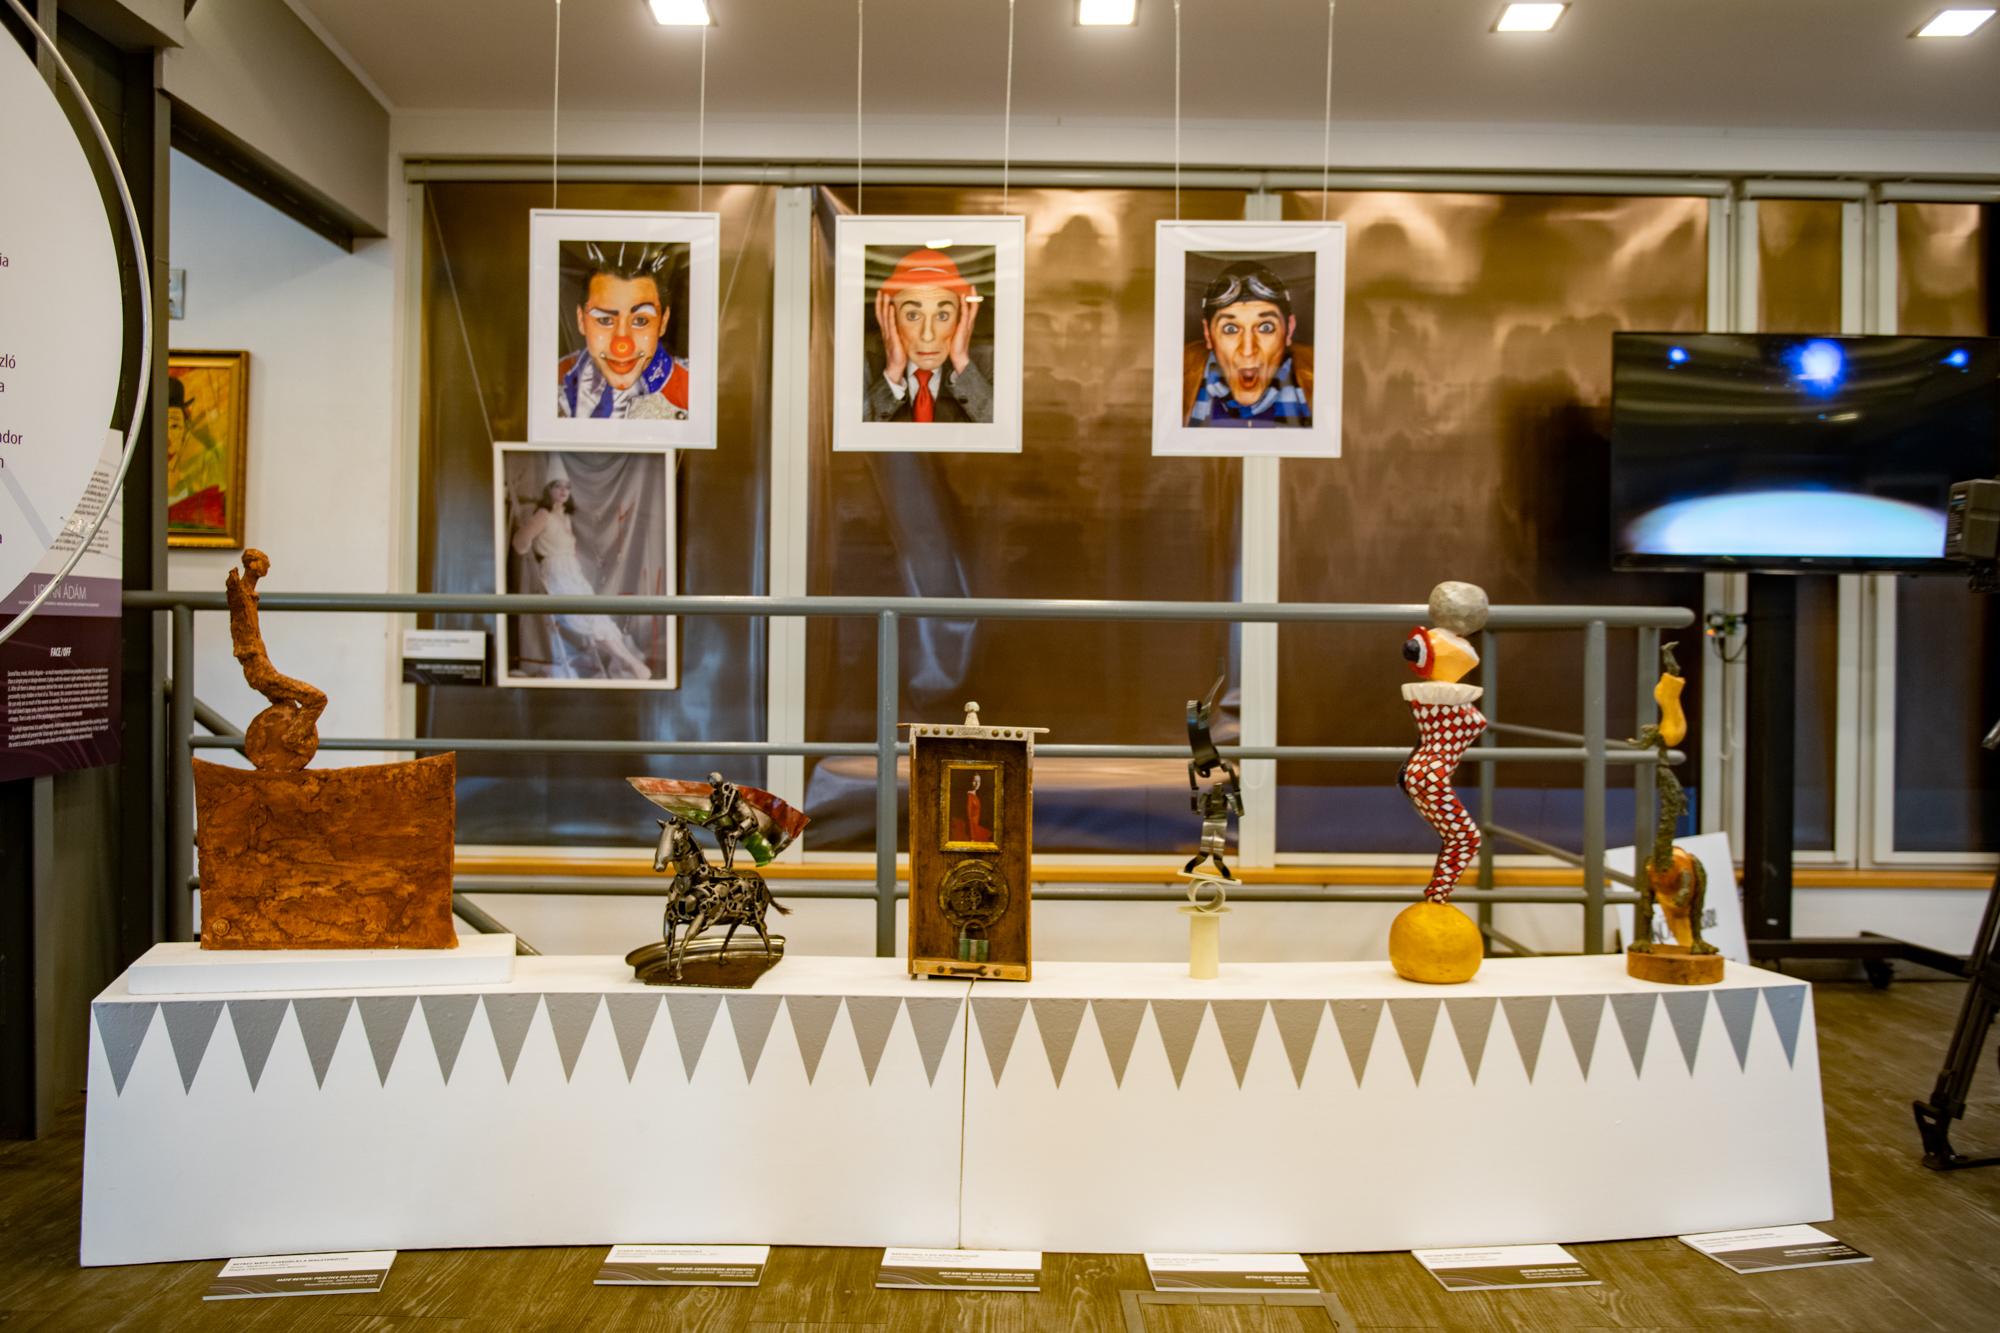 A különleges tárlatból időszaki kiállításokat is fognak rendezni a Fővárosi Nagycirkuszban.